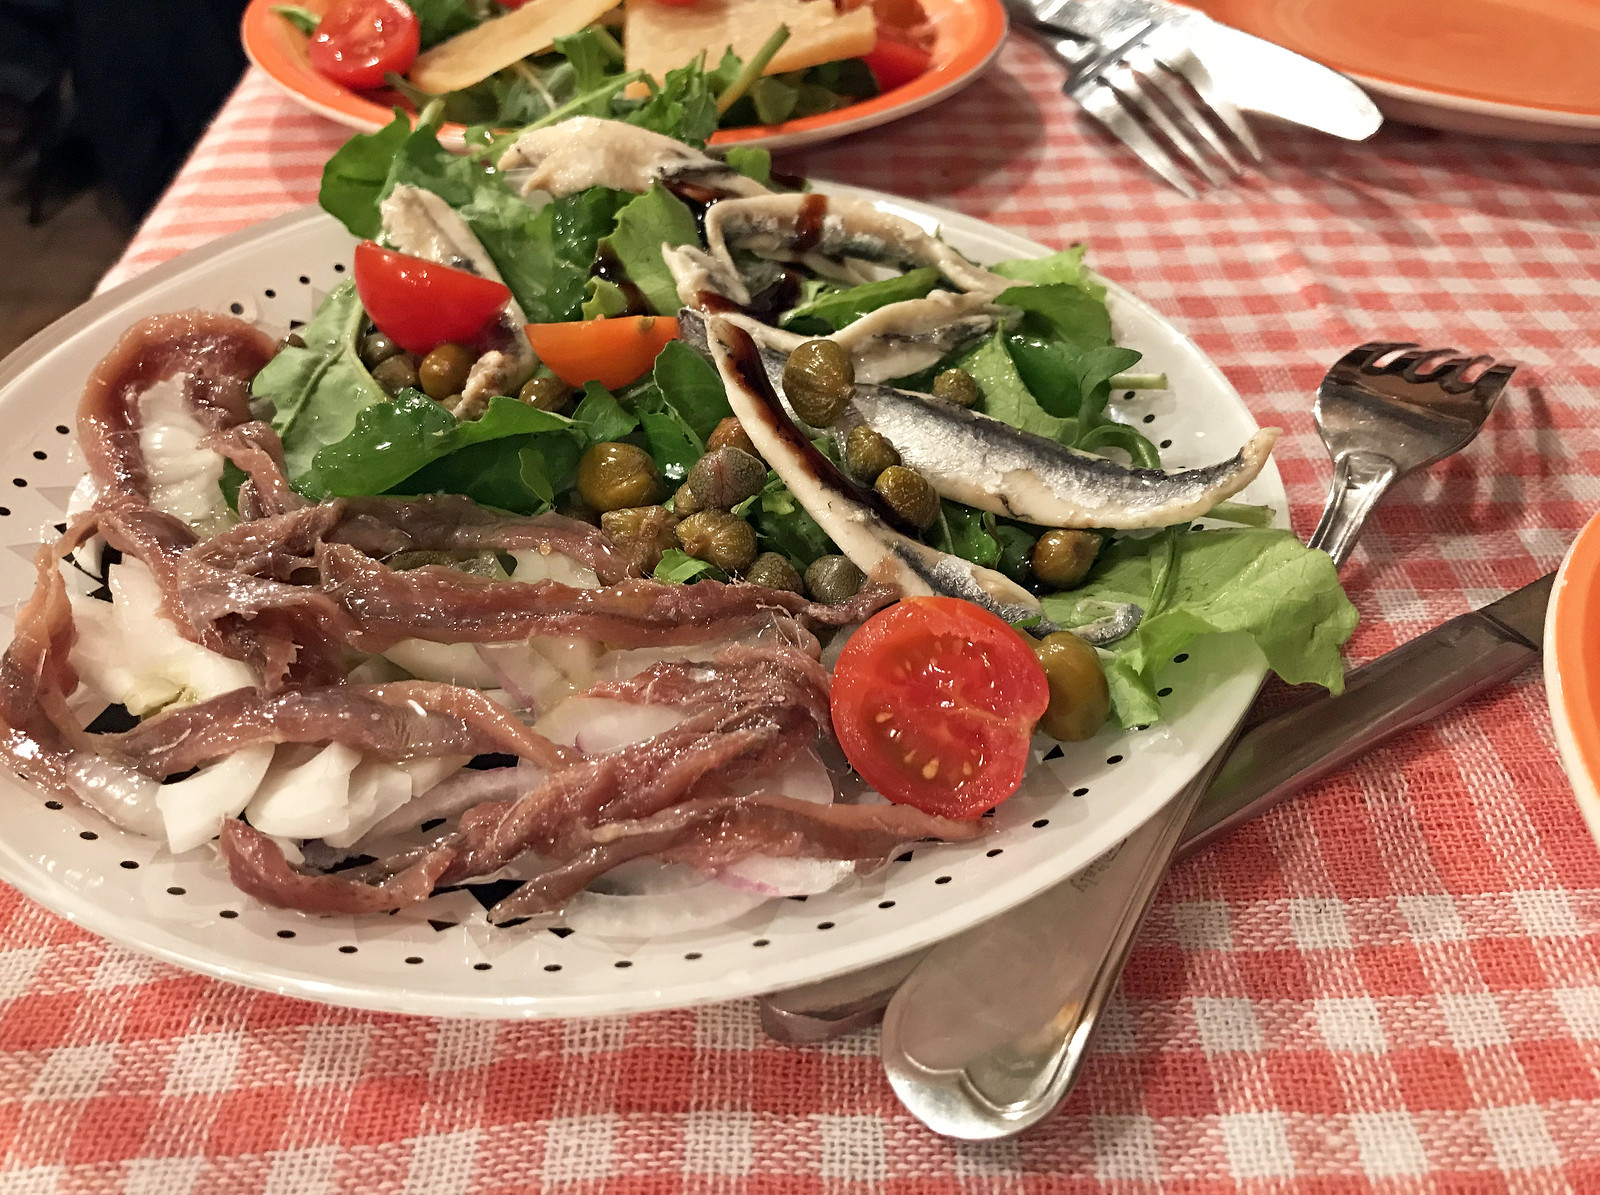 Salted and marinated anchovies at Villa Spiza